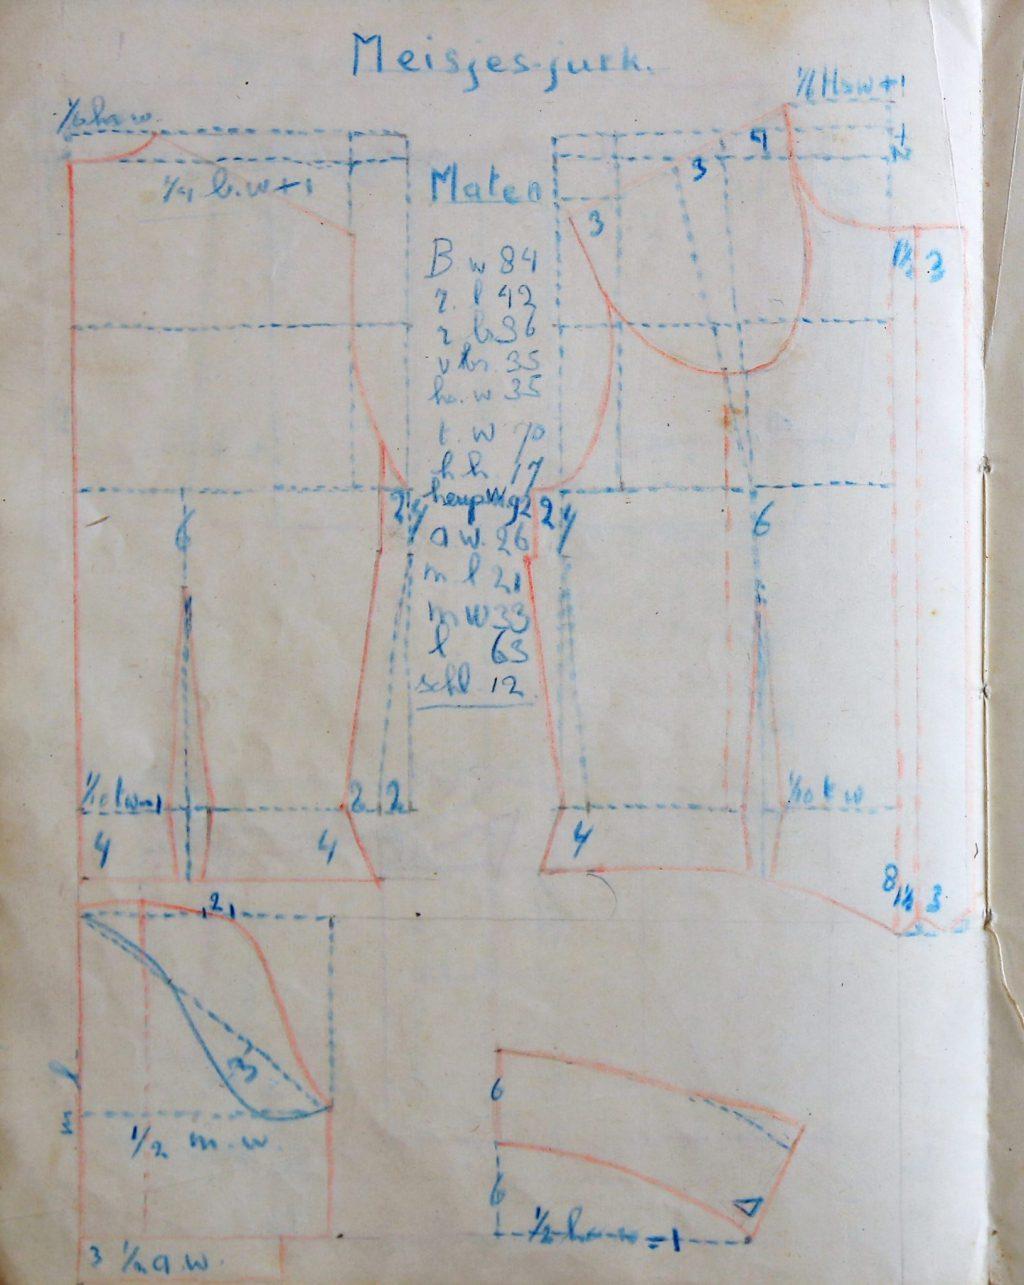 Kledingontwerpen door Plony van Houten voor de R.K. Nijverheids- en Huishoudschool Sint Agnes, 1949-1955 (Archief 598, inv.nr 1566)